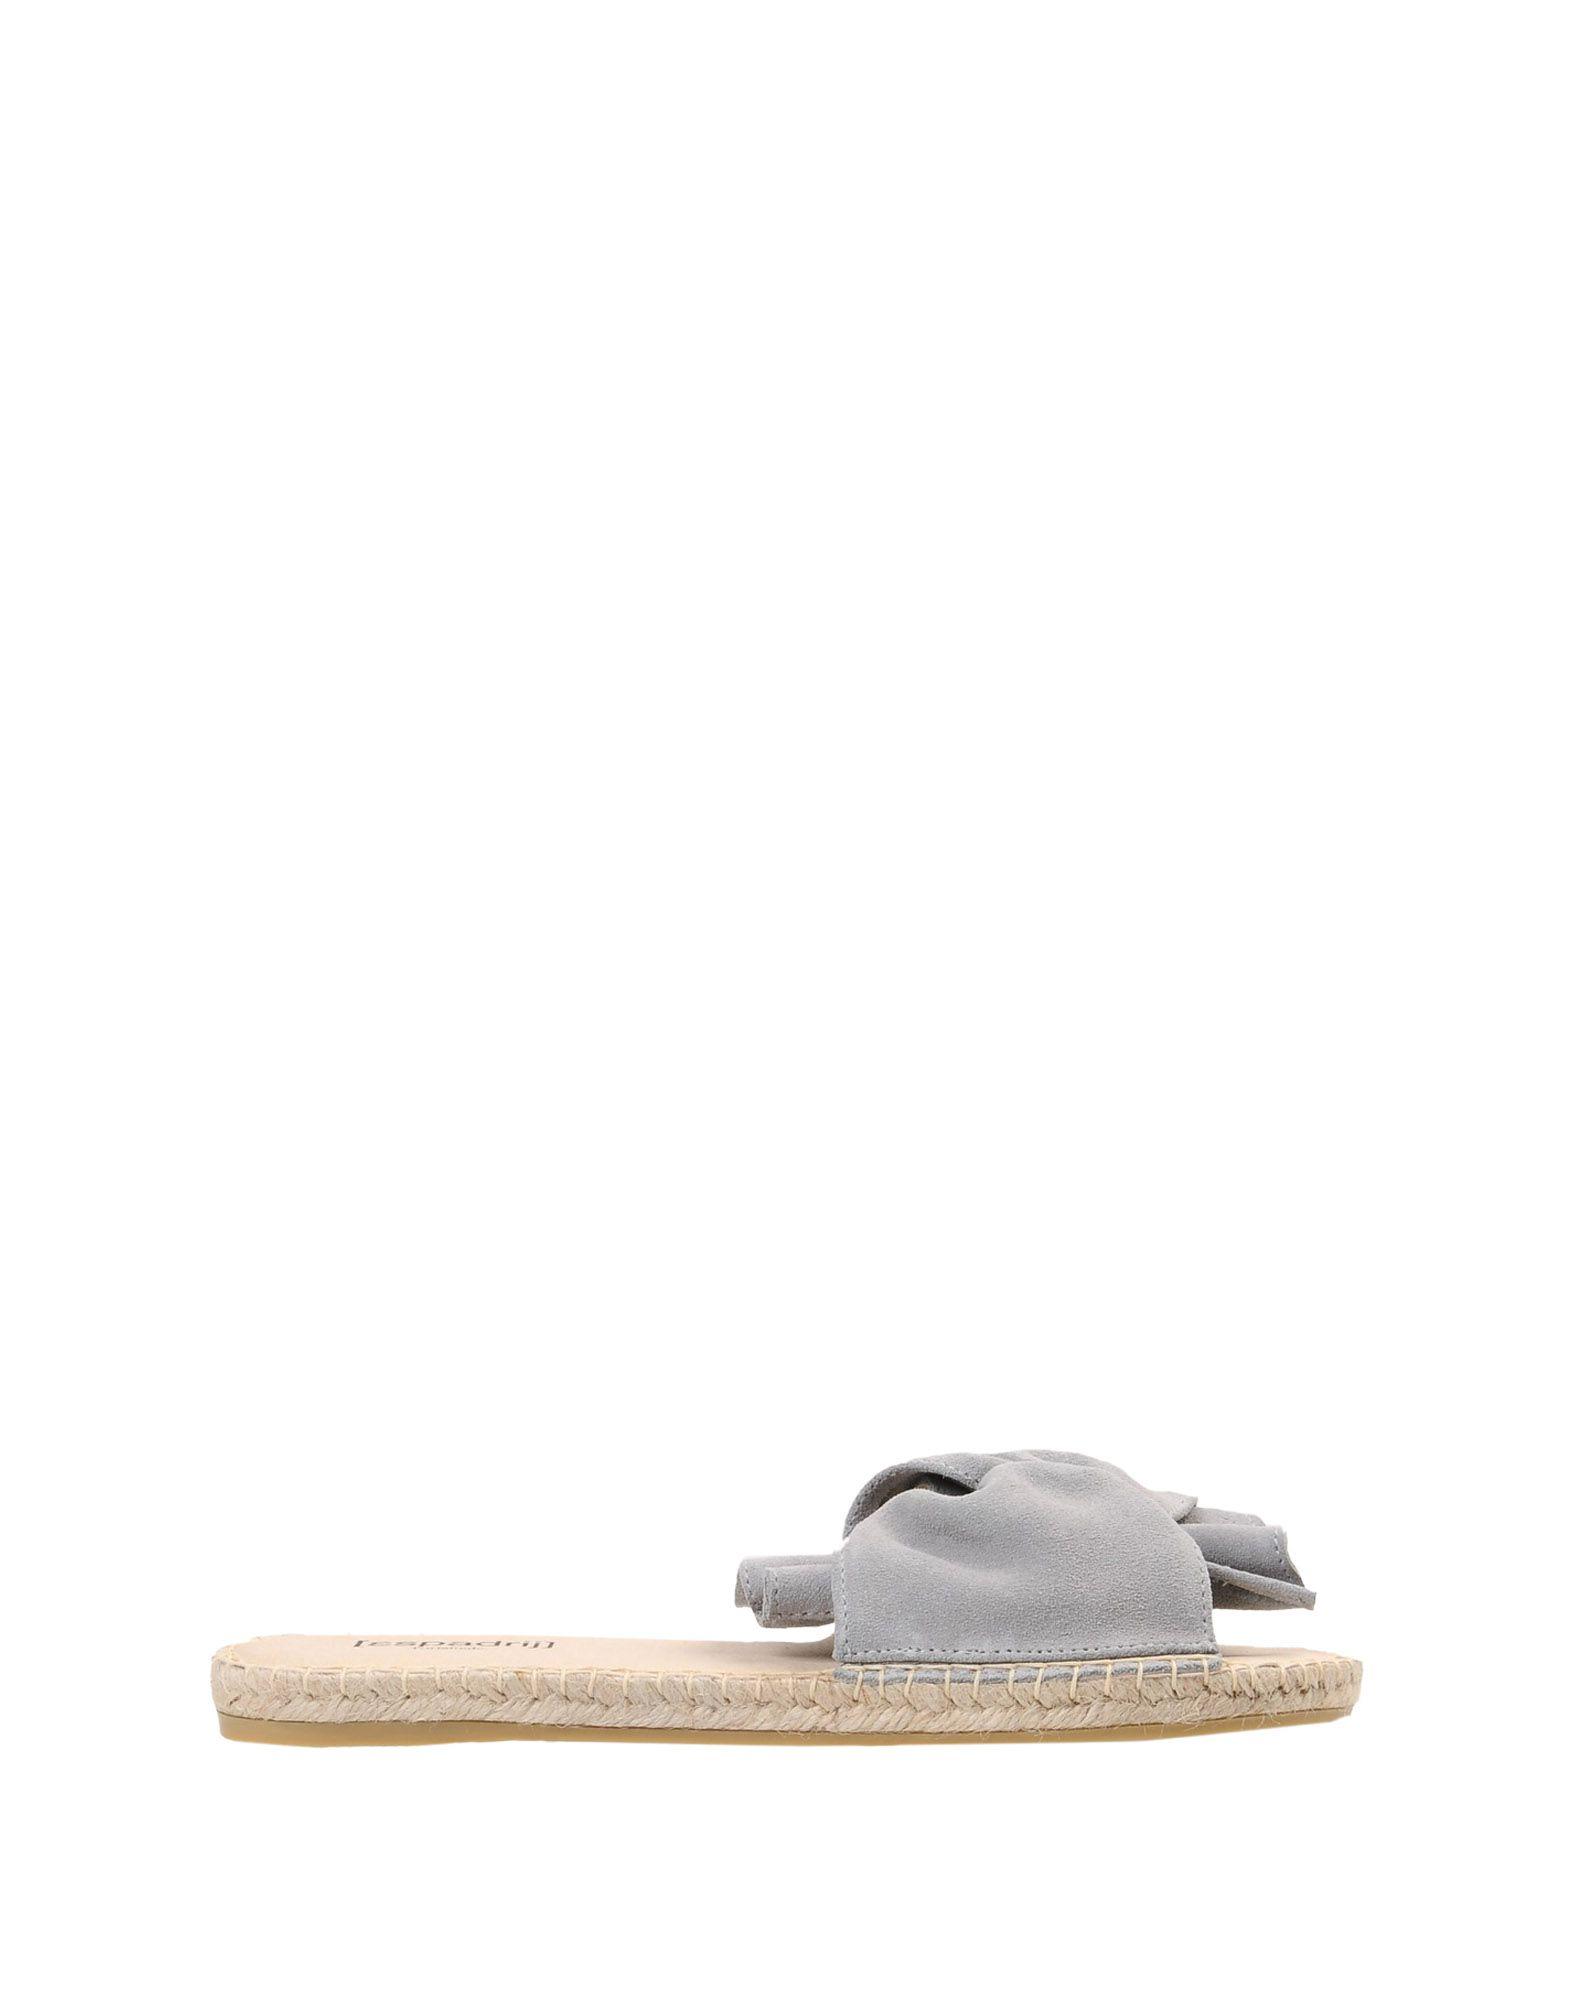 Sandales [Espadrij] Plage Boucle Velour - Femme - Sandales [Espadrij] sur